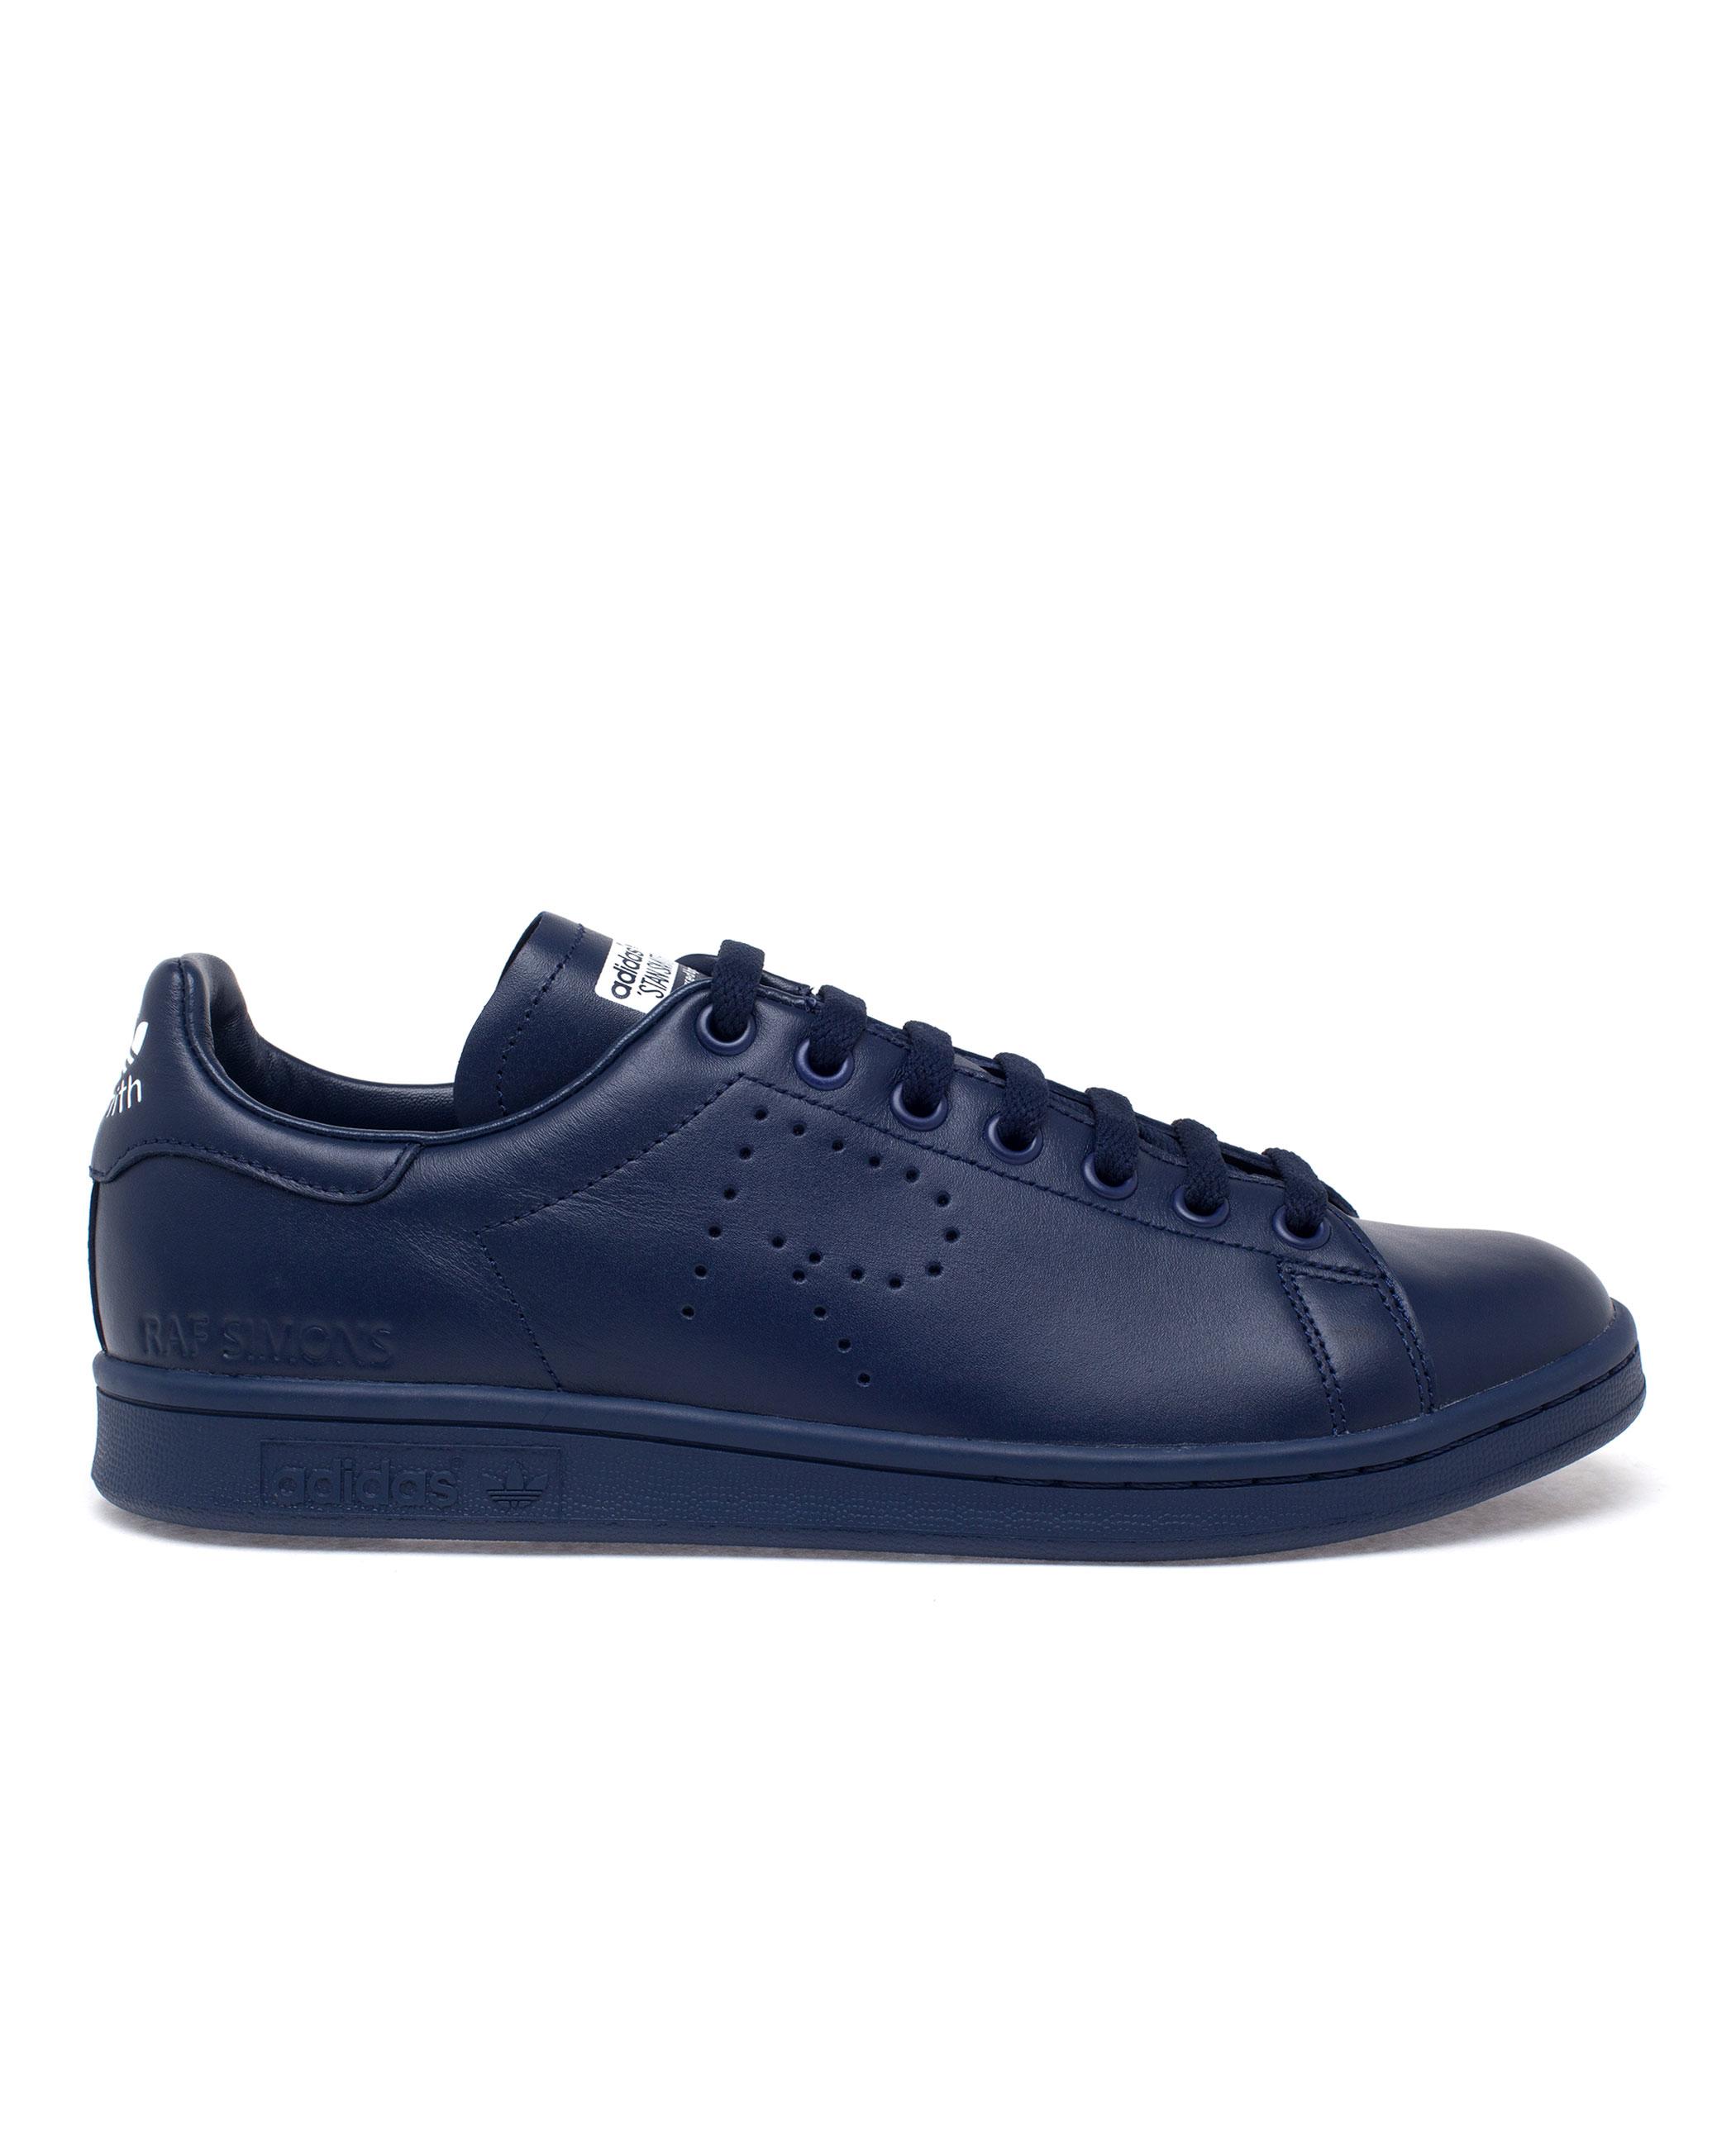 Raf Simons Shoe Sizing